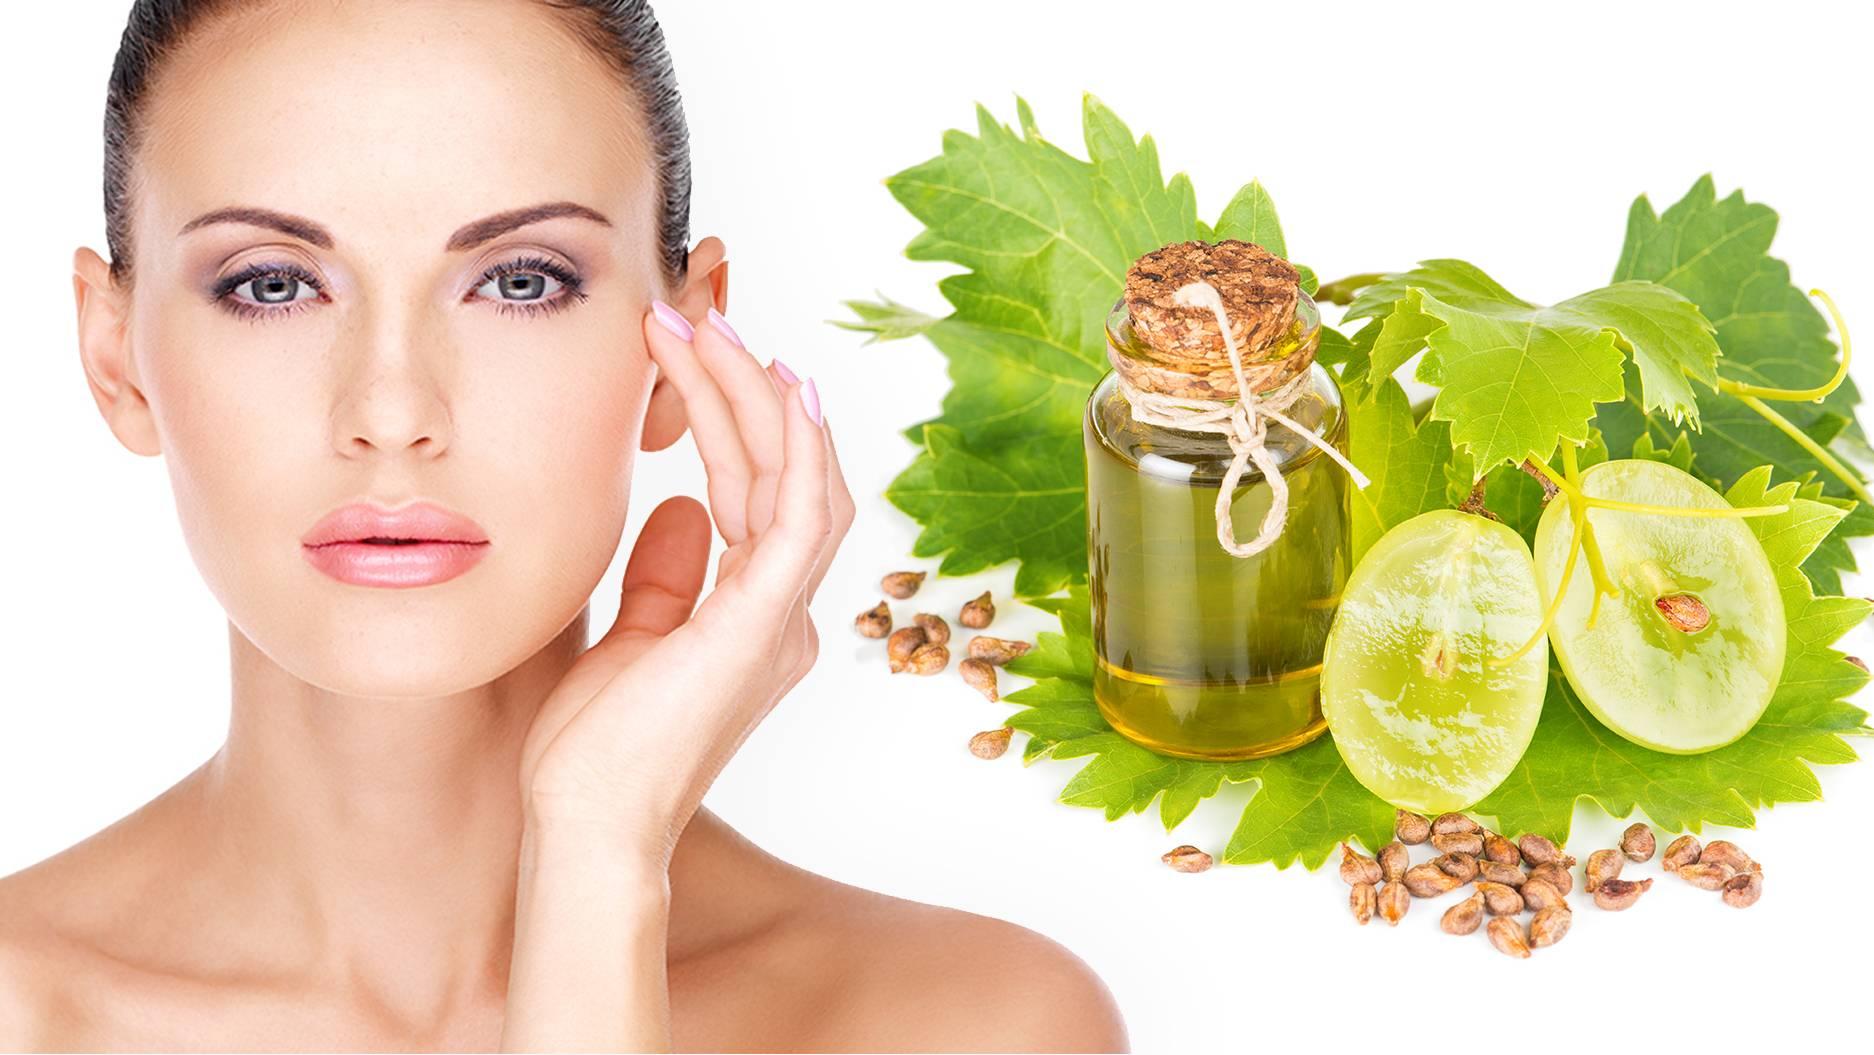 Лучшие масла от мимических морщин на лице: применение и полезные свойства